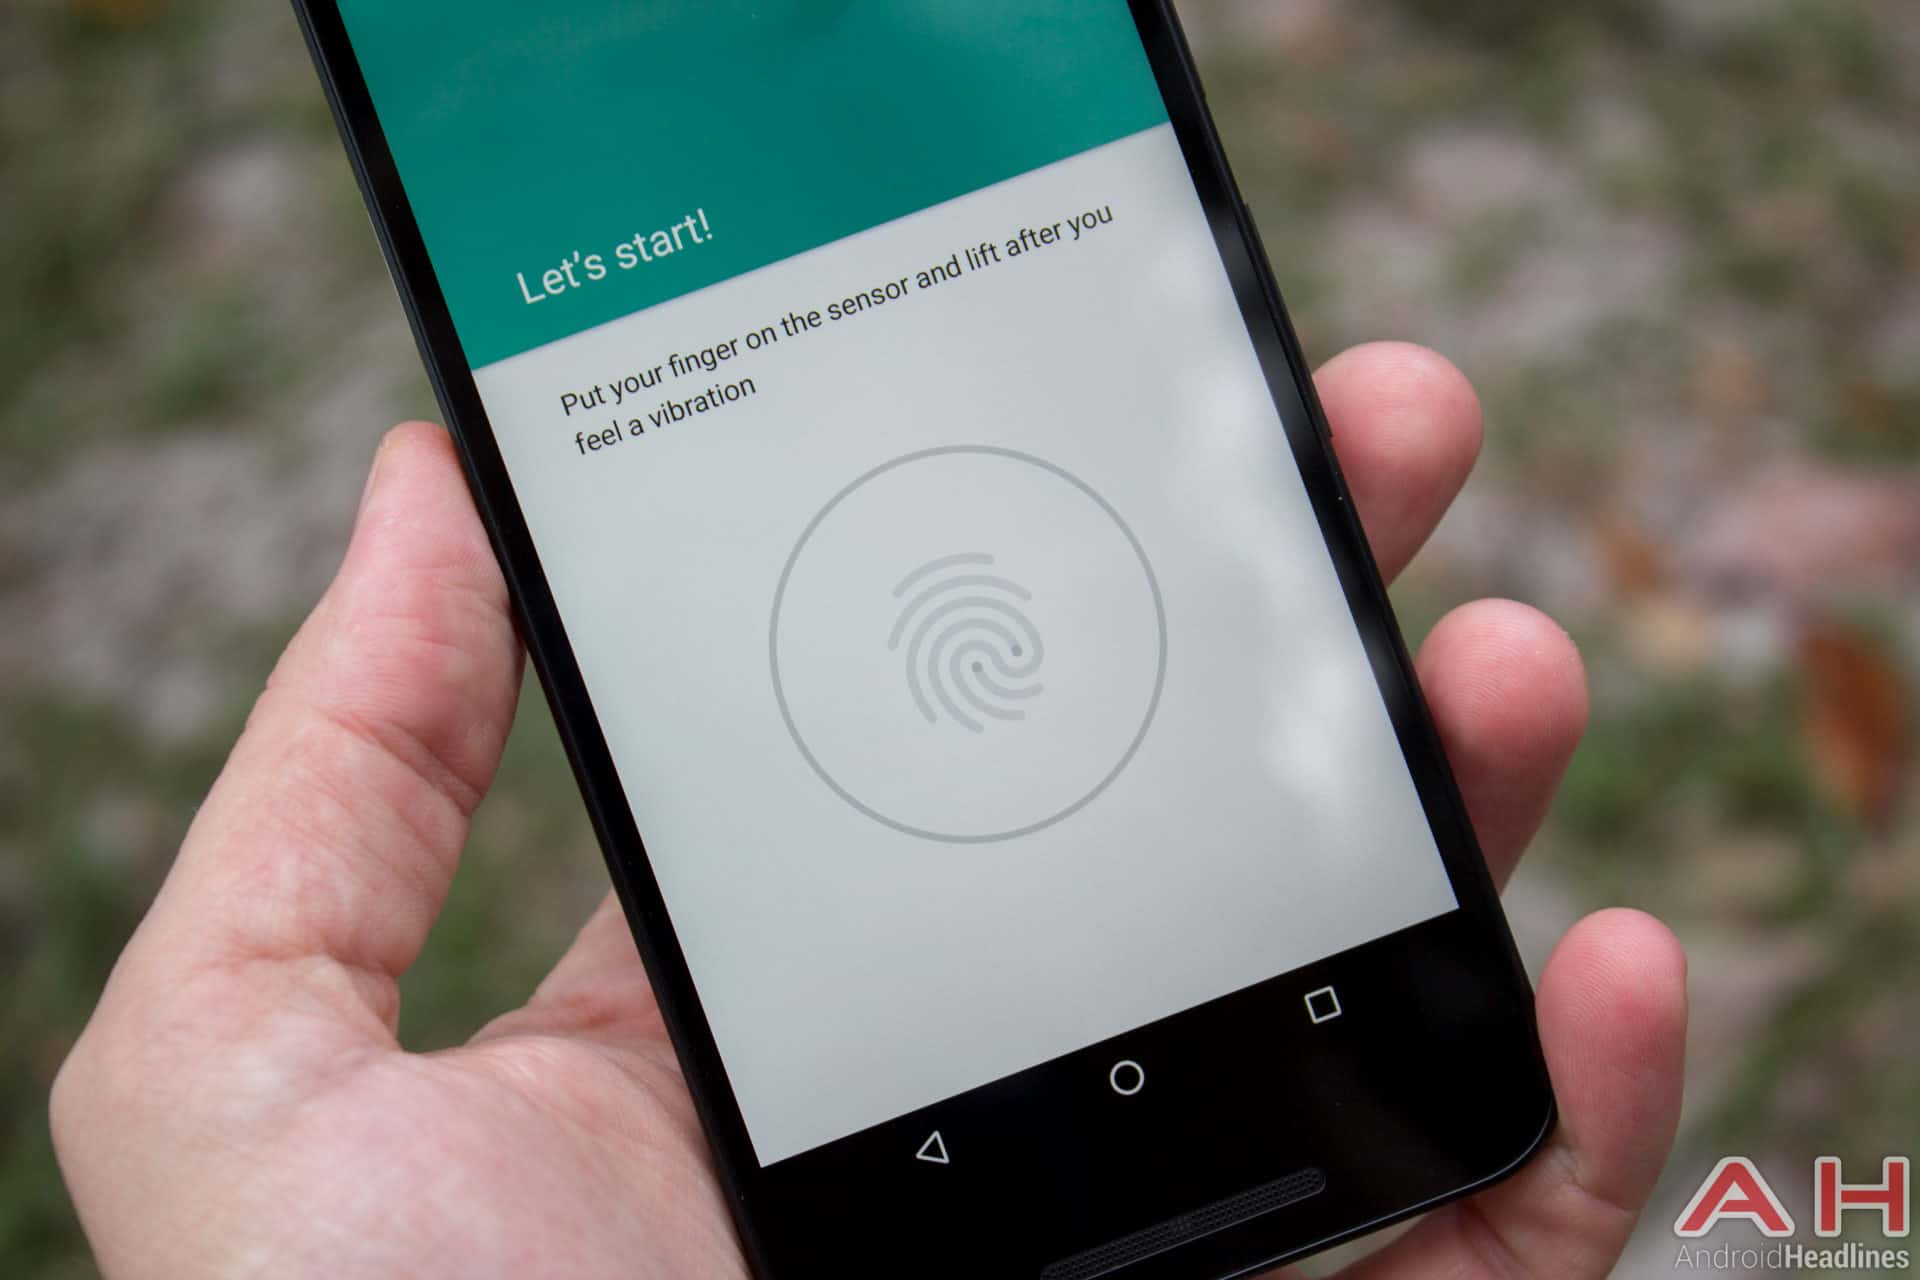 Nexus-5x-AH-fingerprint-software